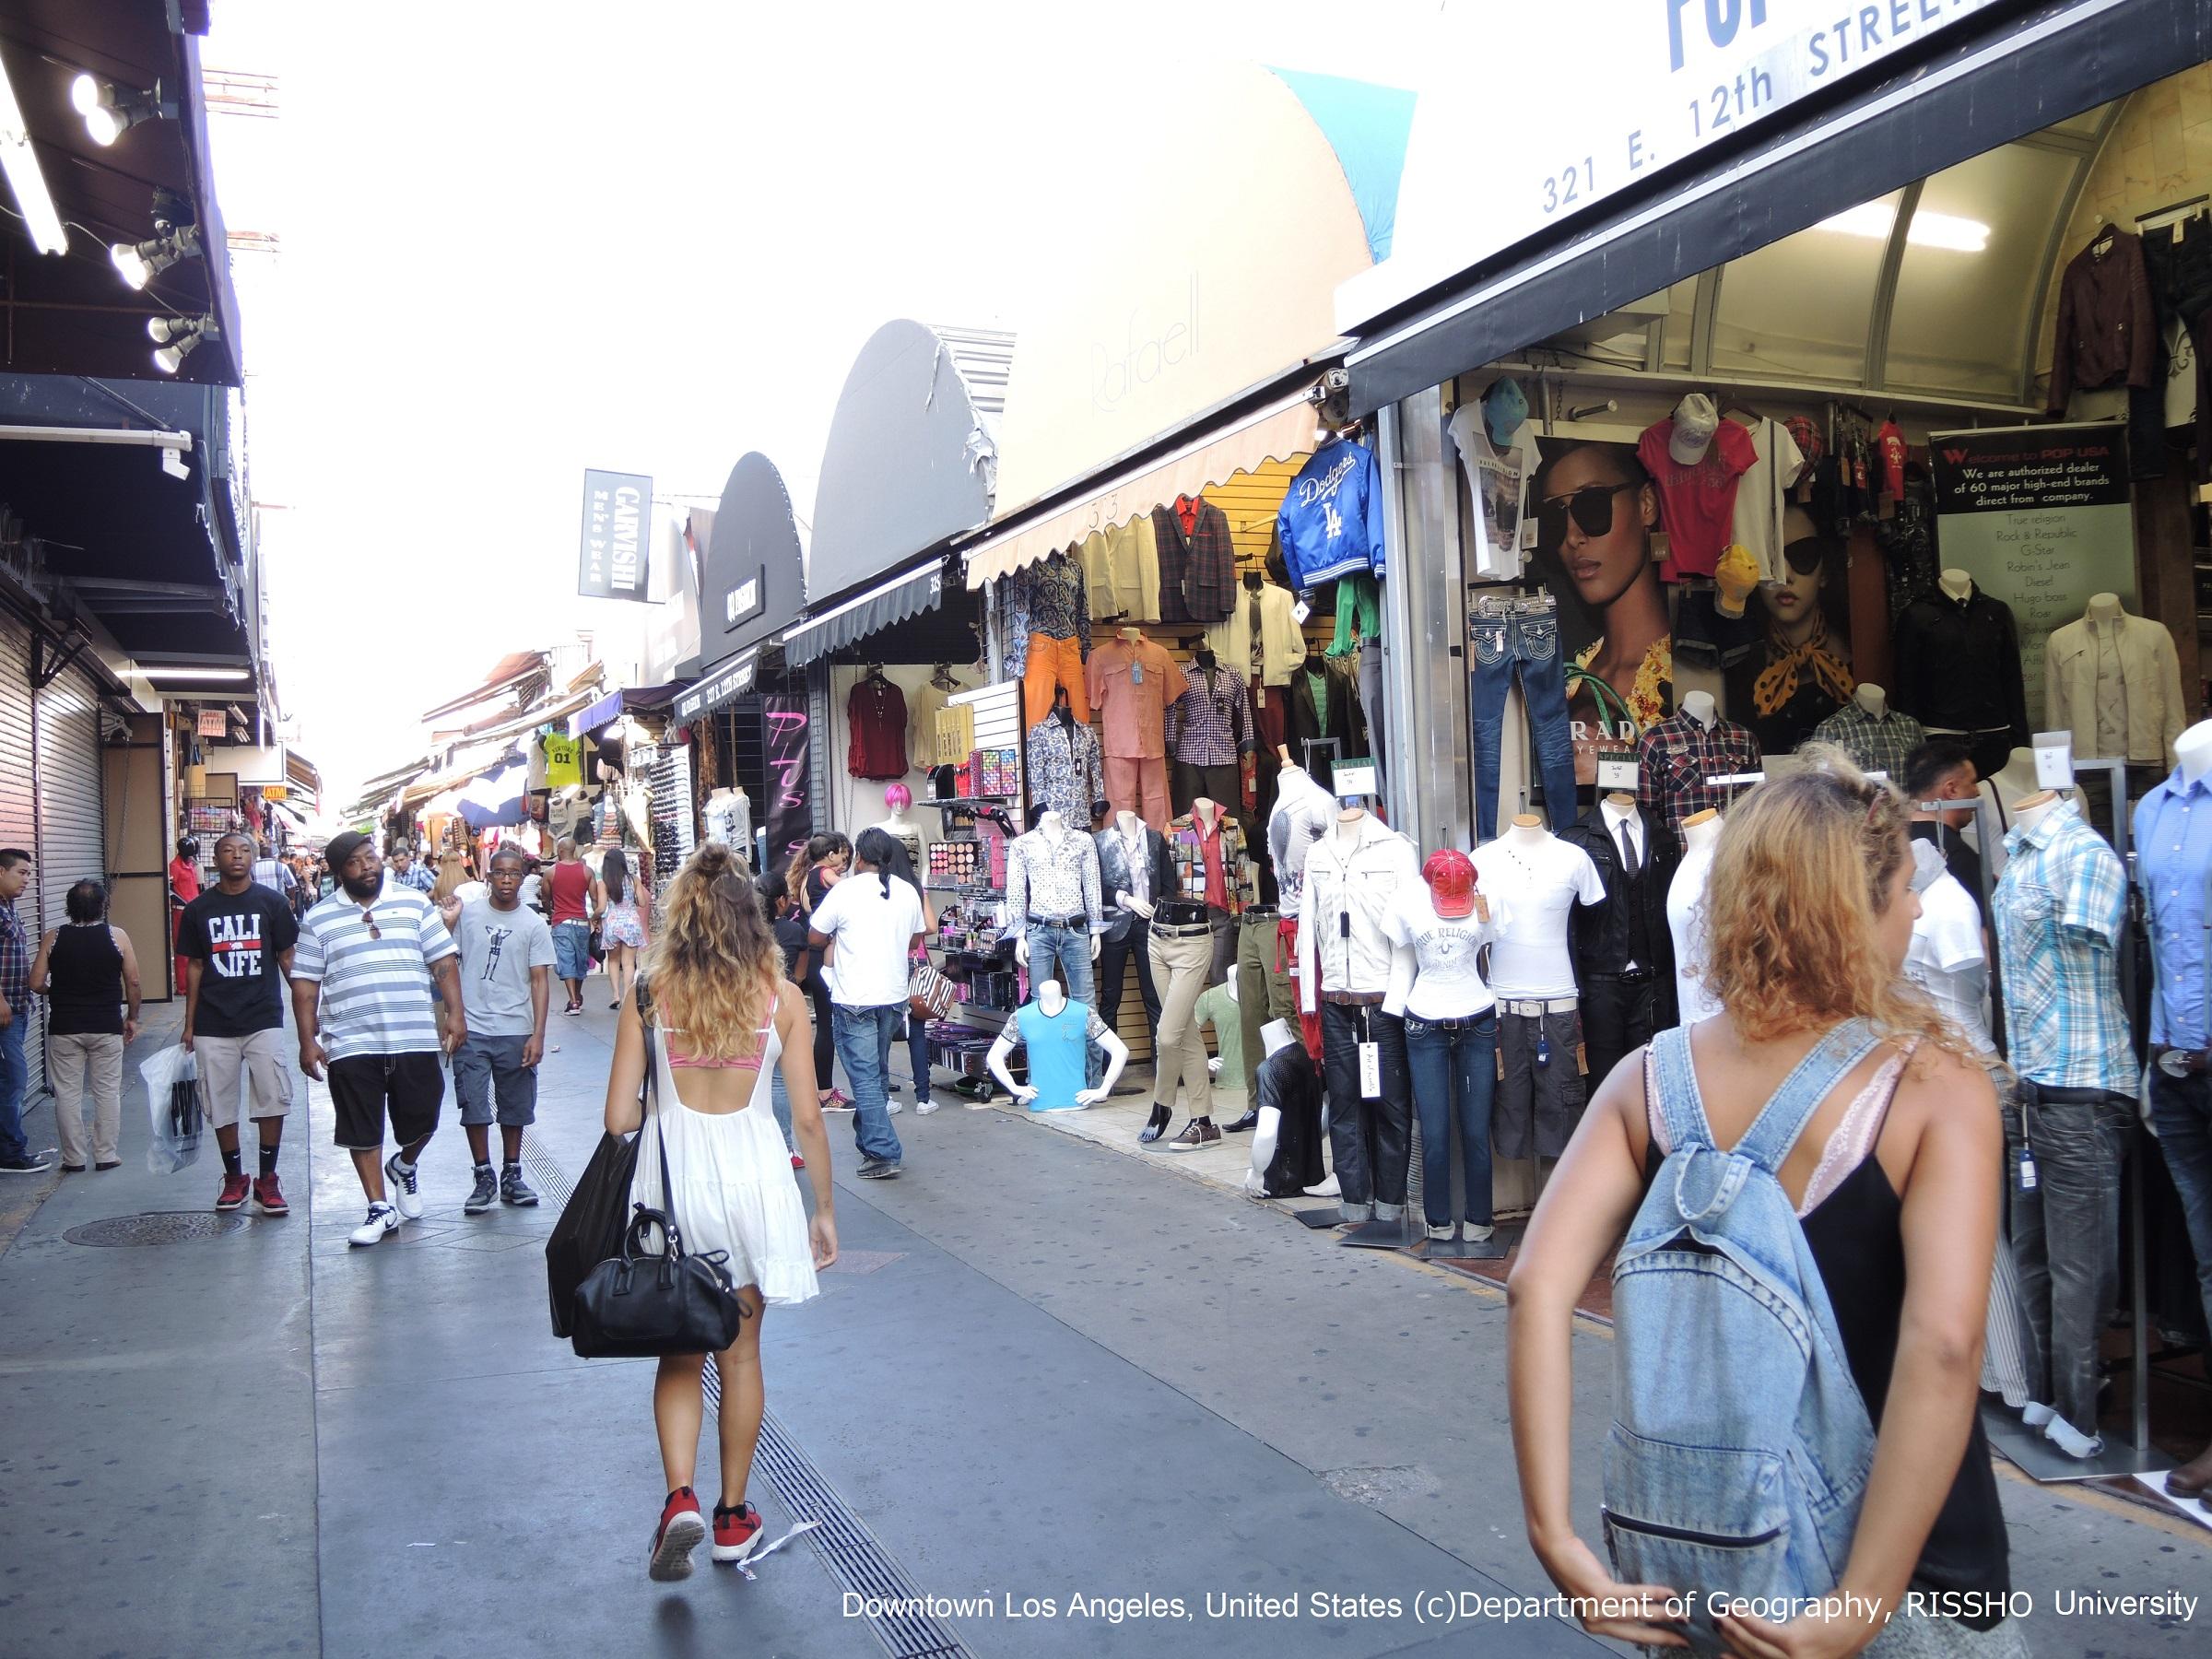 アメリカ・ロサンゼルスのファッション地区